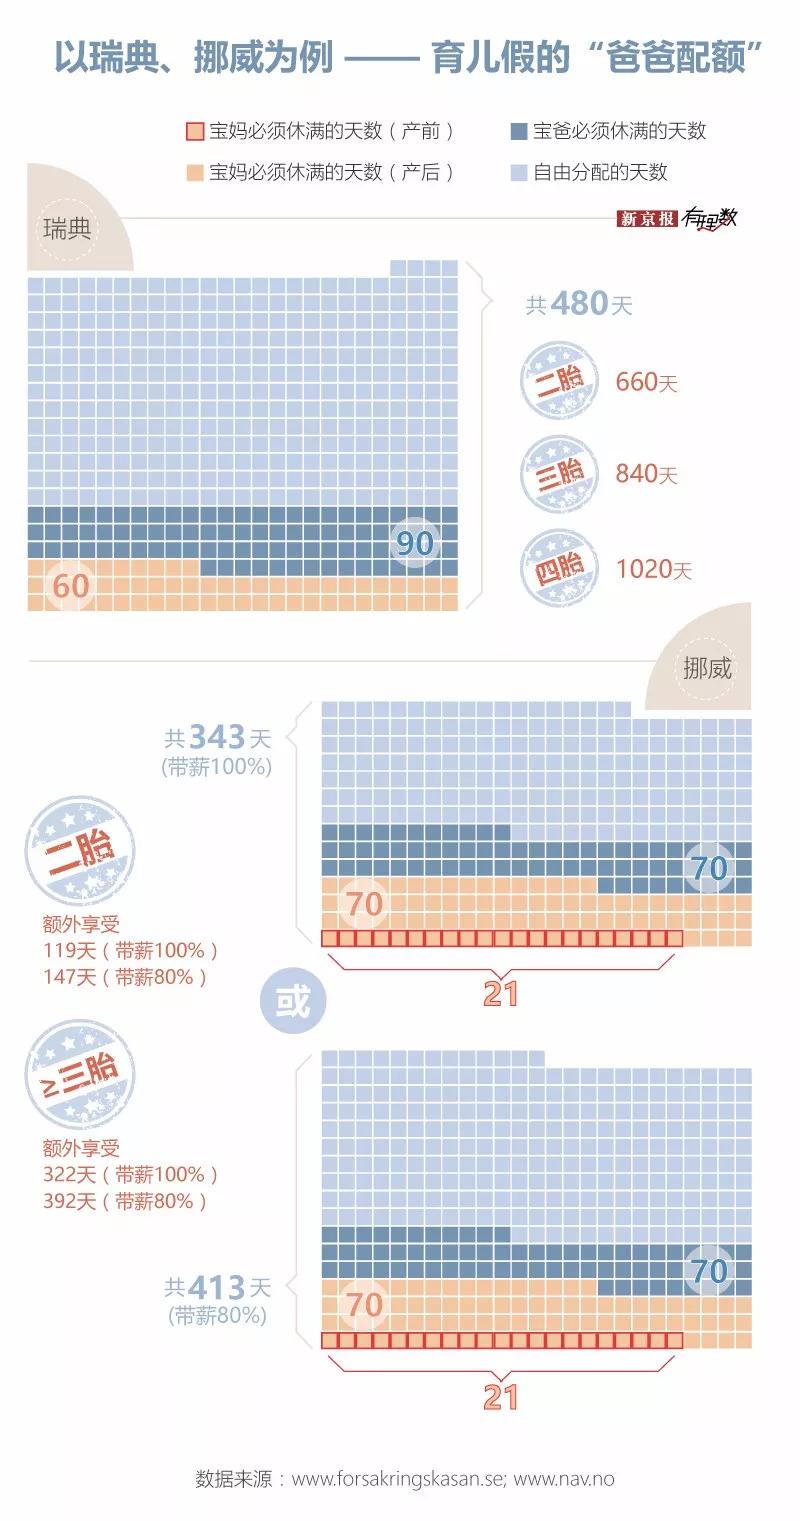 新京报:政府想鼓励生娃 没那么简单